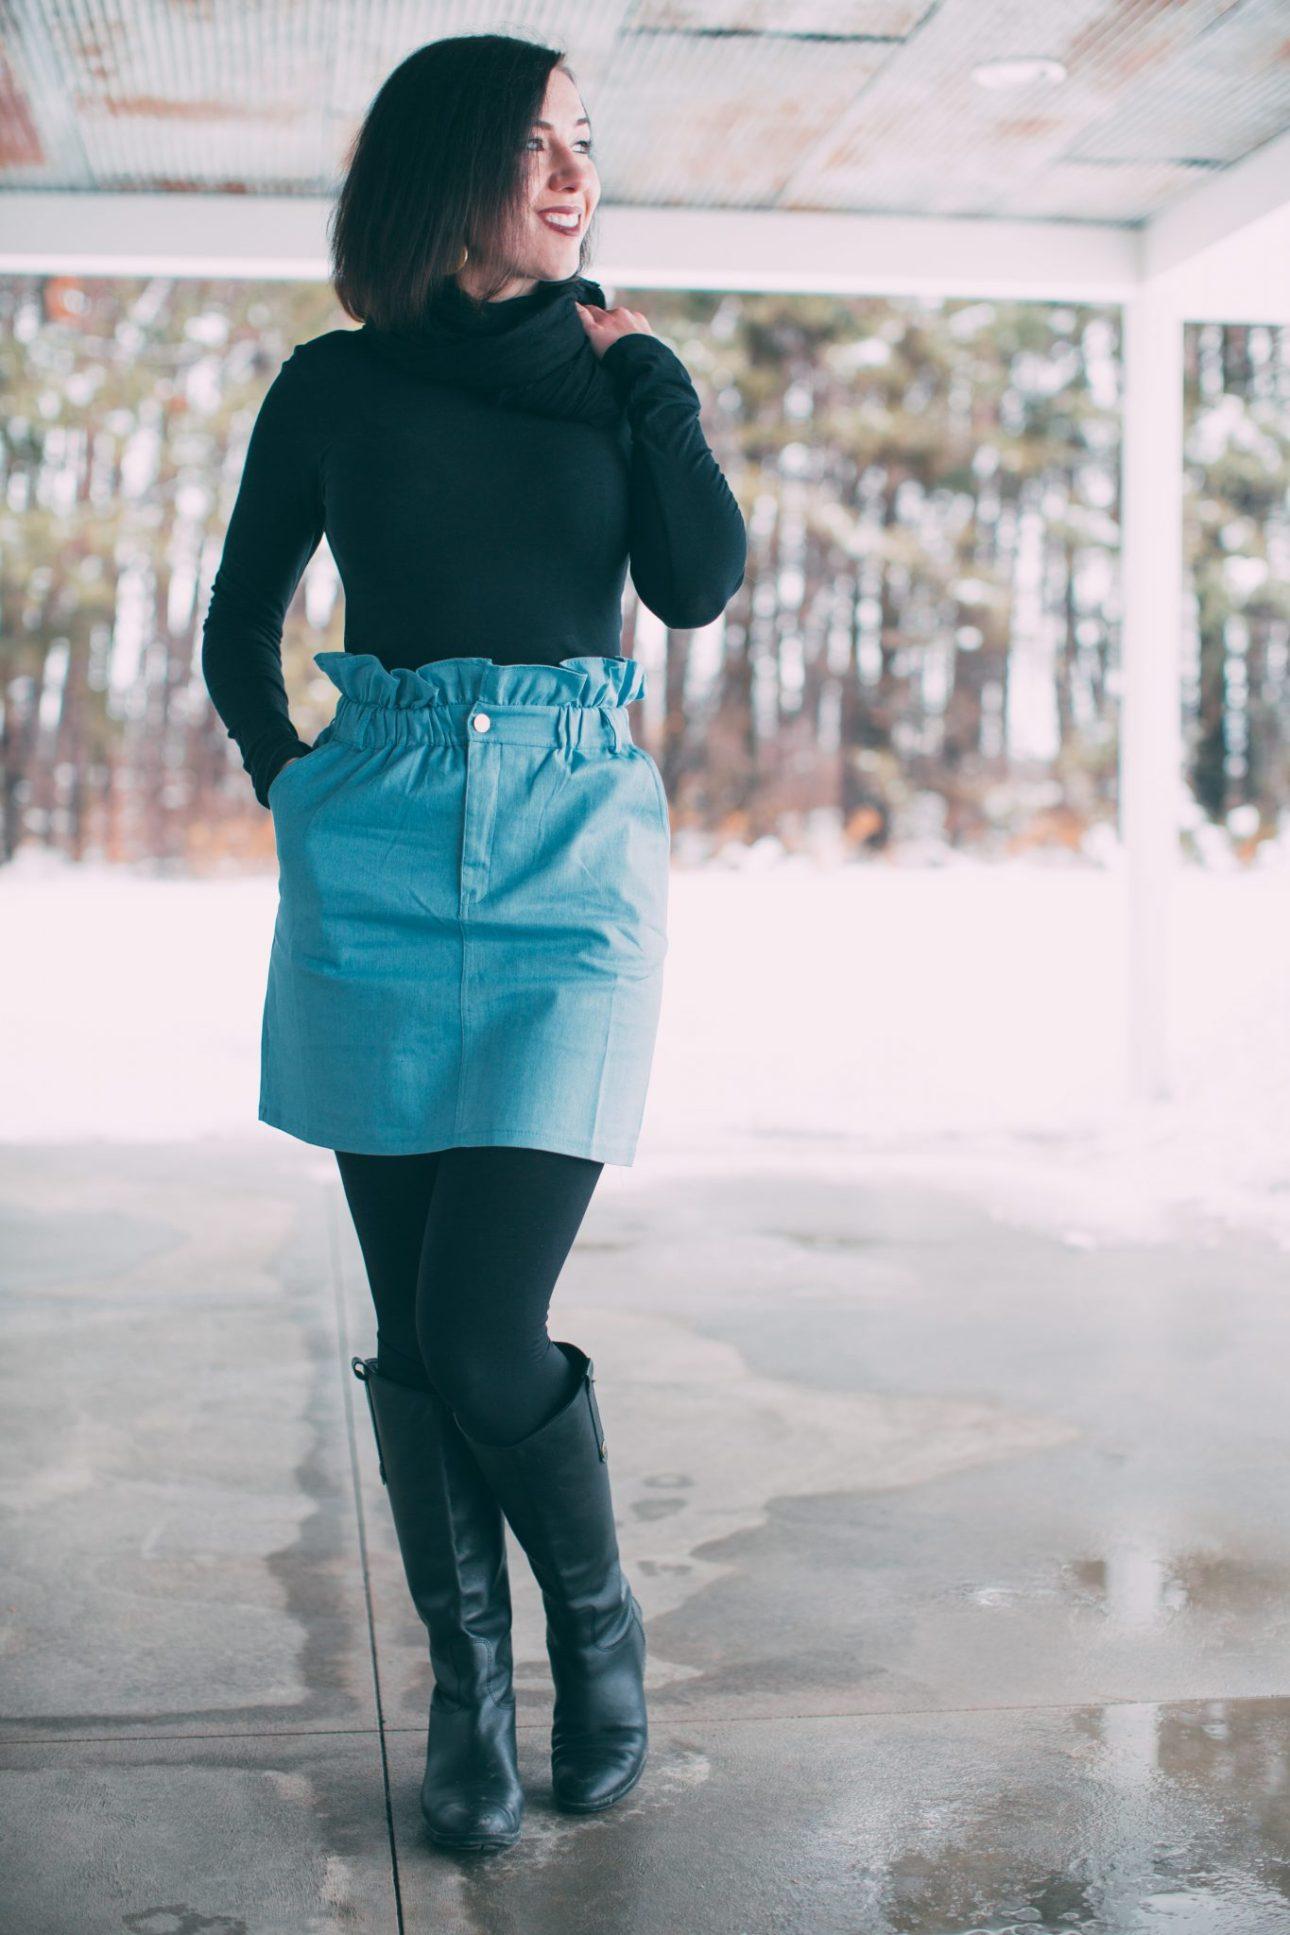 Denim skirt styled for winter